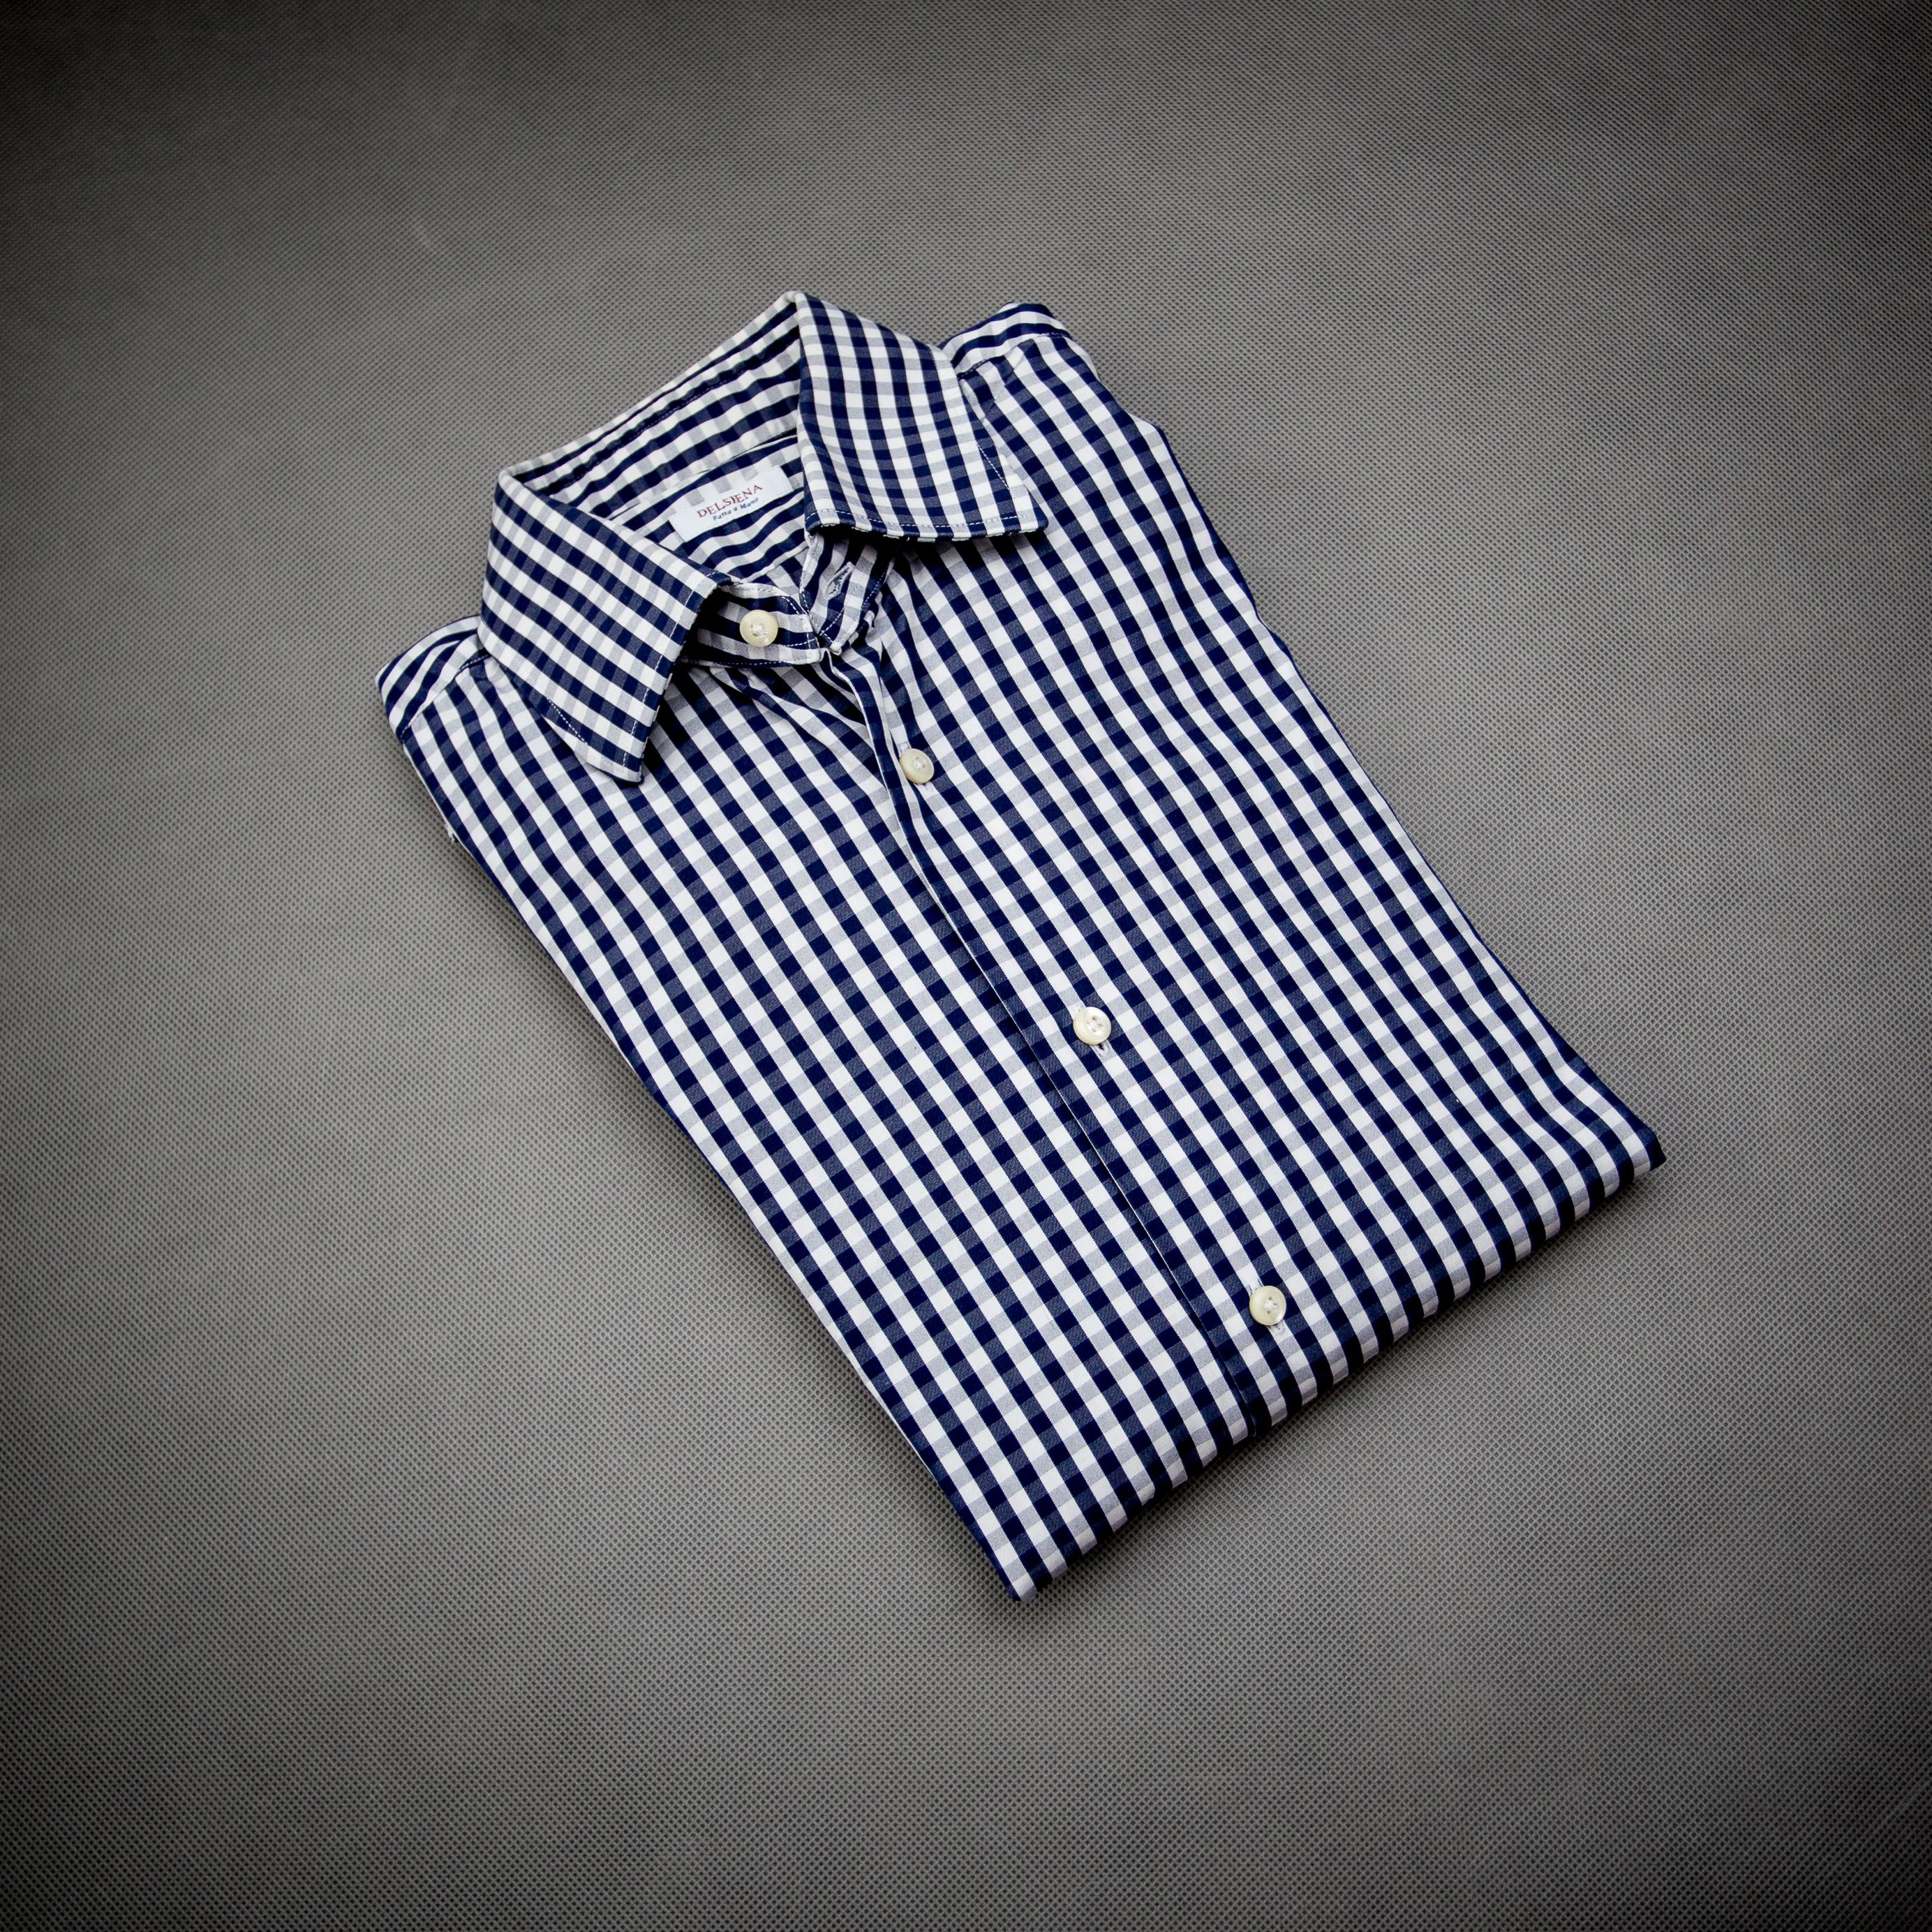 888be70be7ef4 koszula kratka vichy granatowa podstawy jesiennej garderoby facet mężczyzna